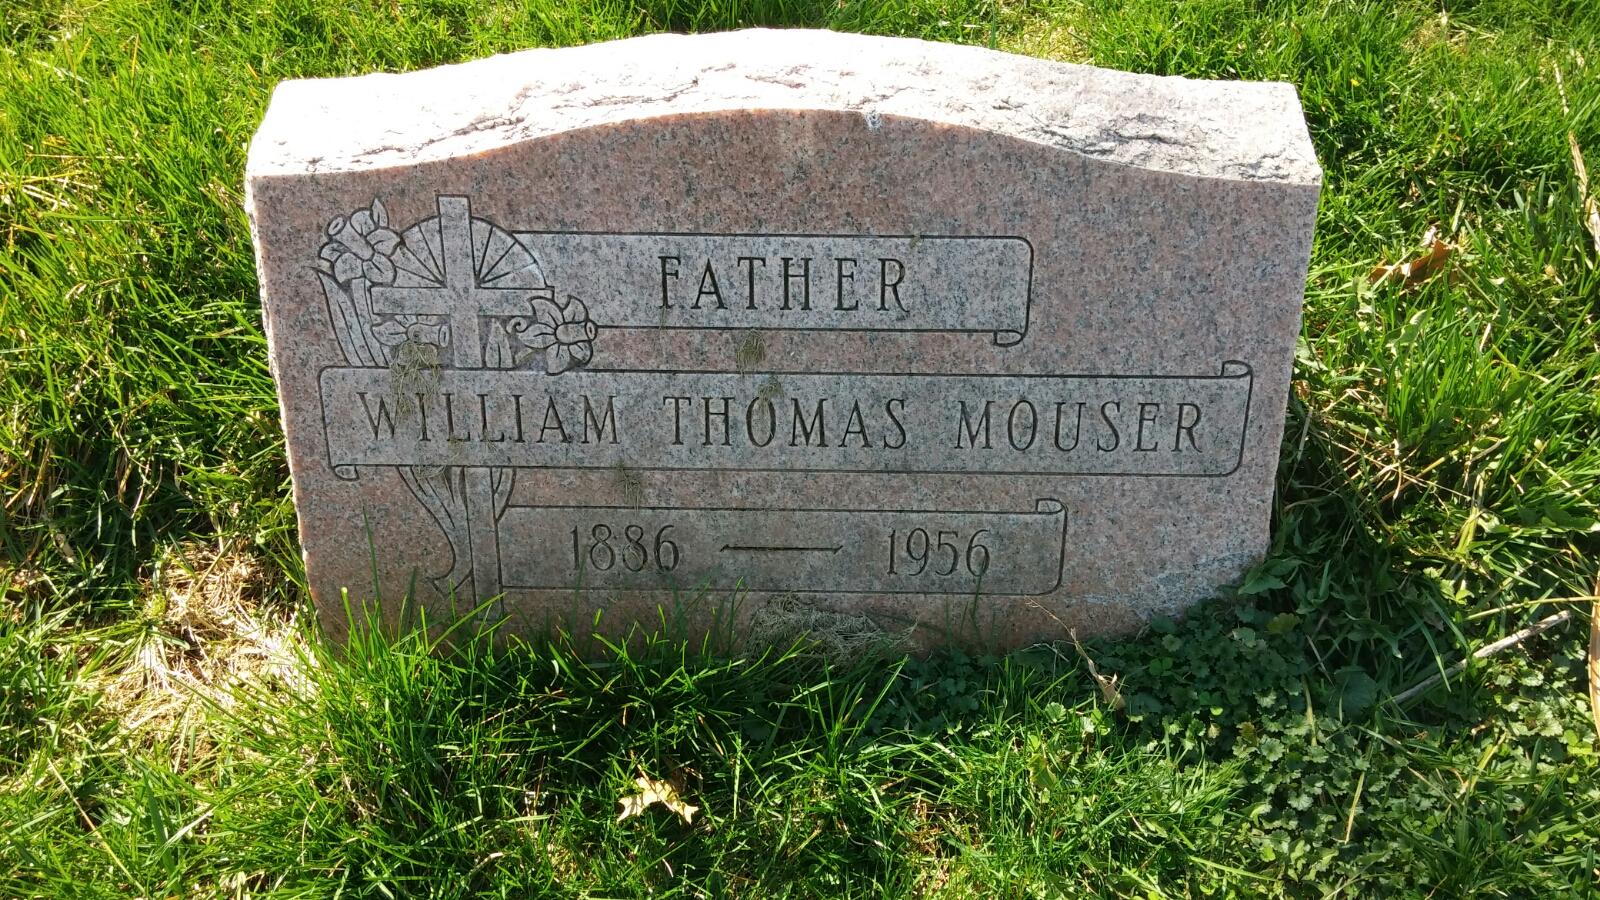 William Thomas Mouser